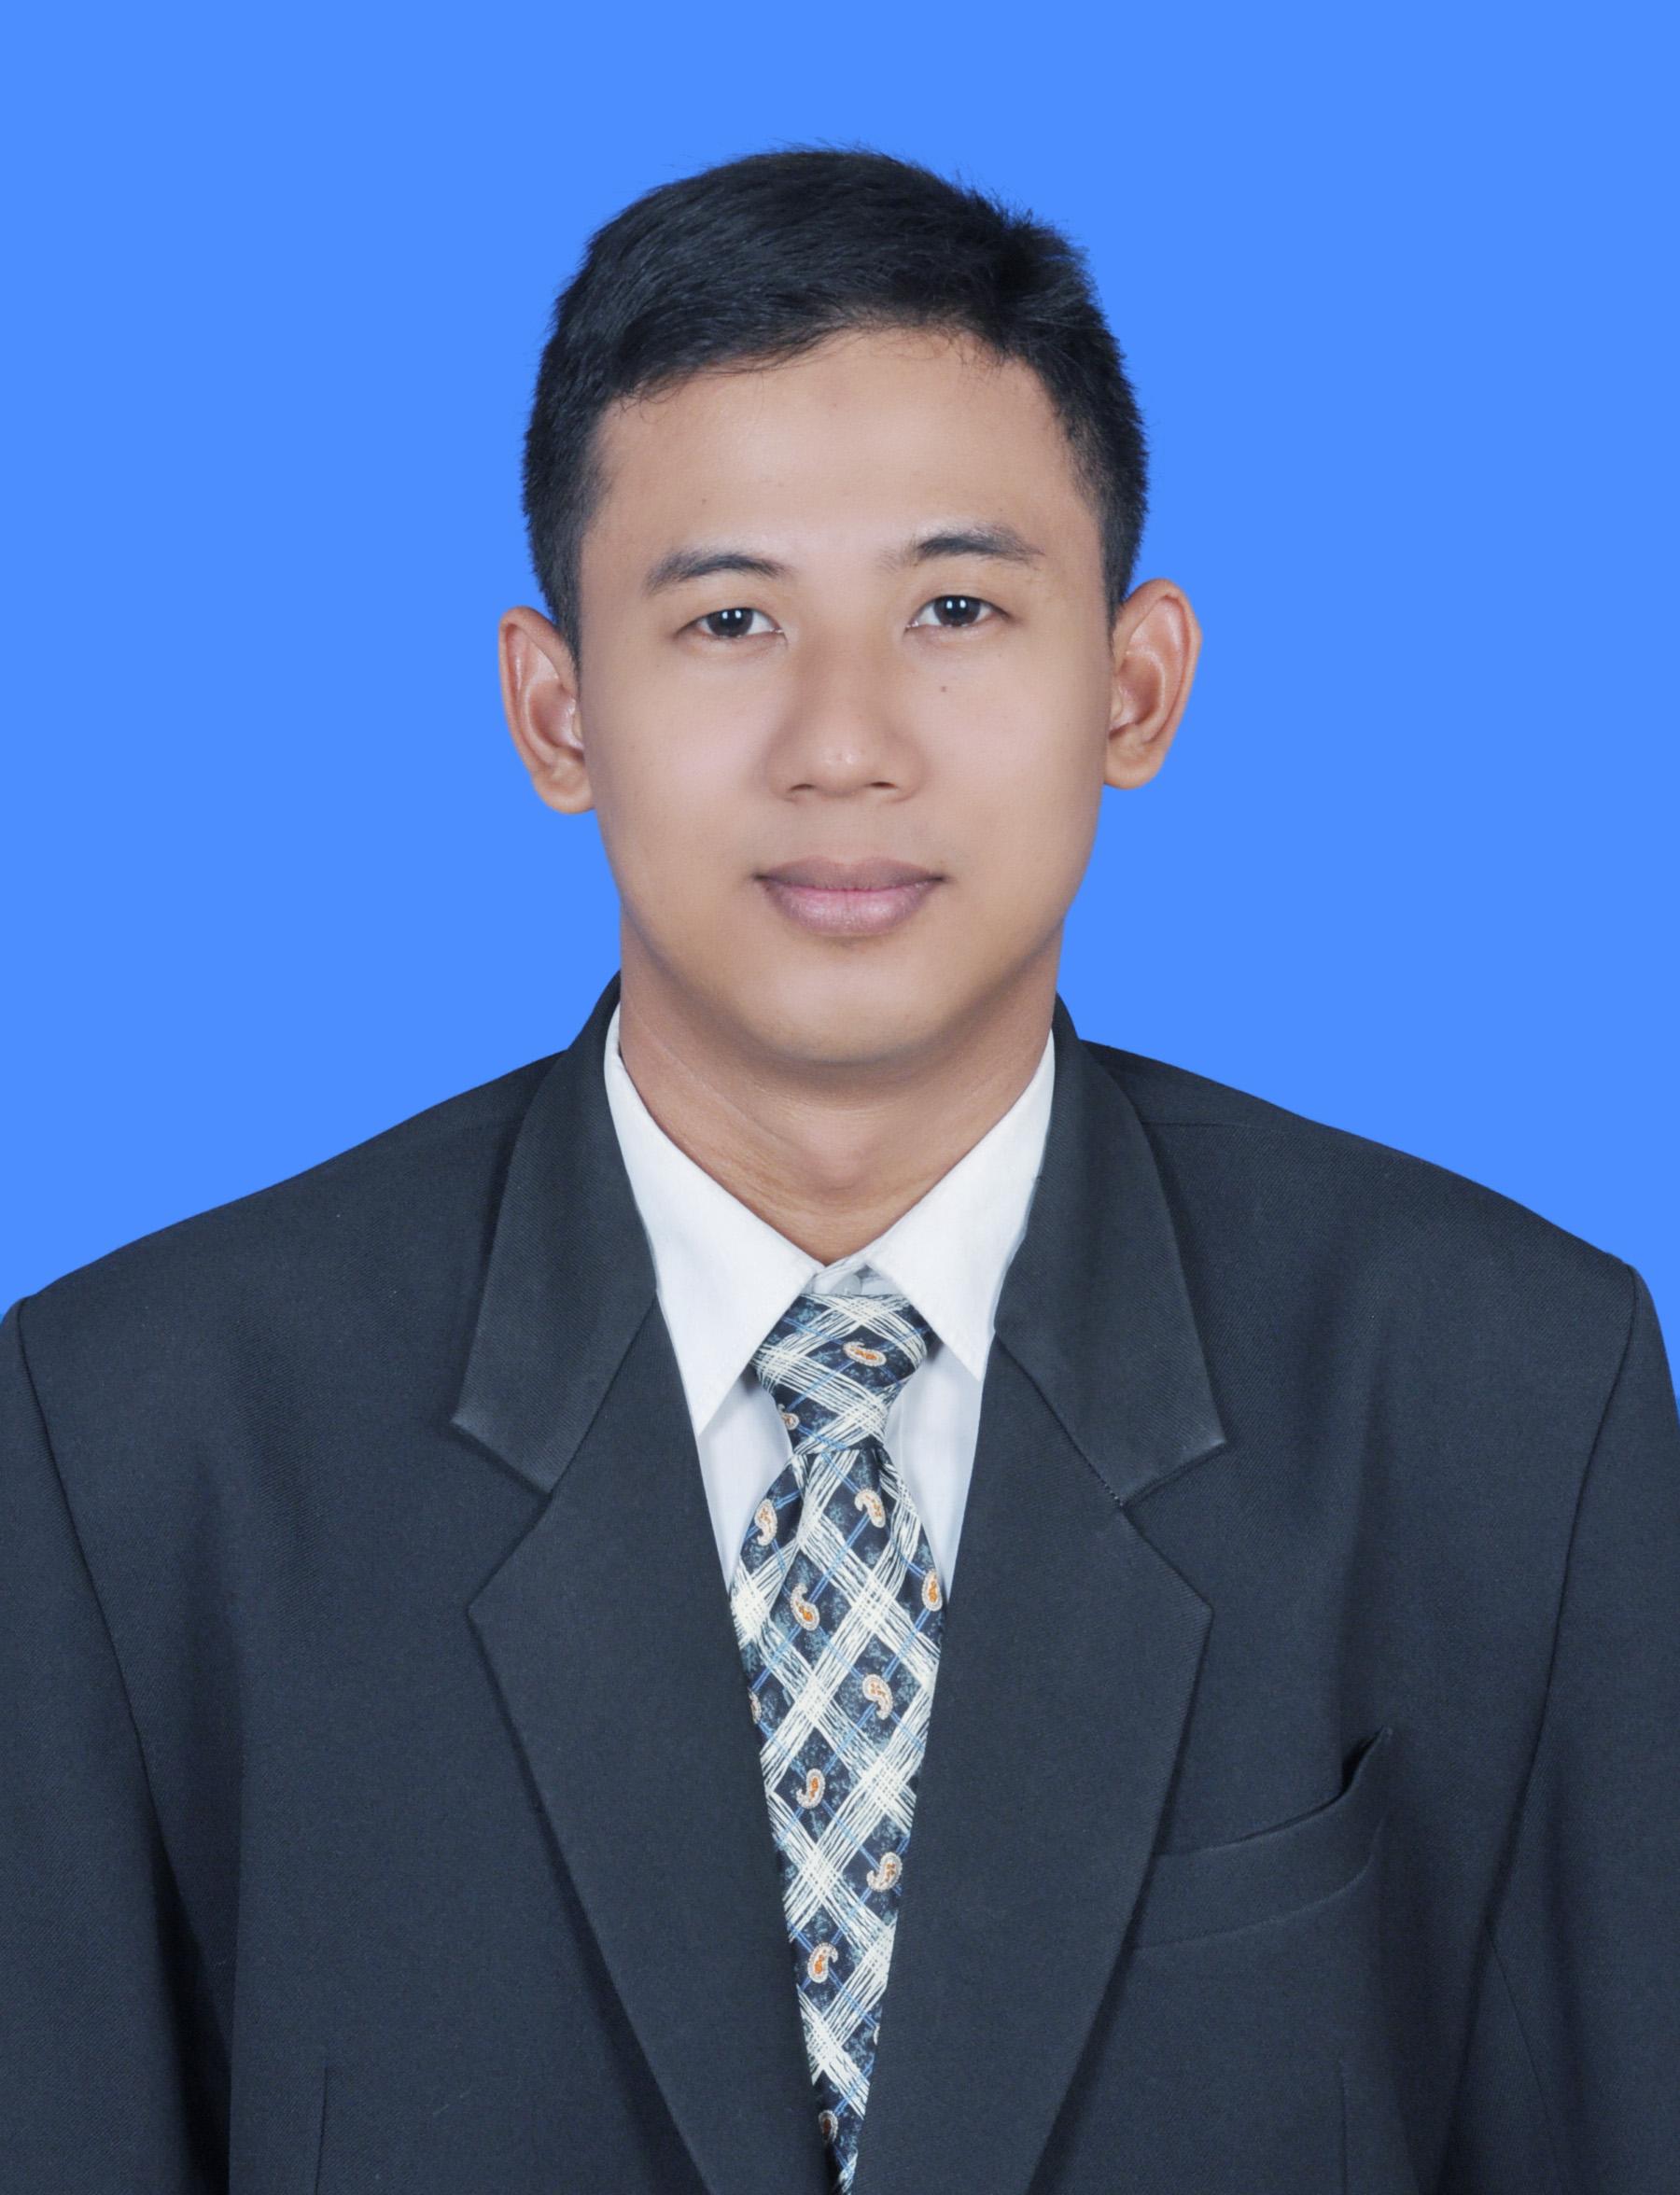 Adhitya Rechandy Christian, S.E., M.M.